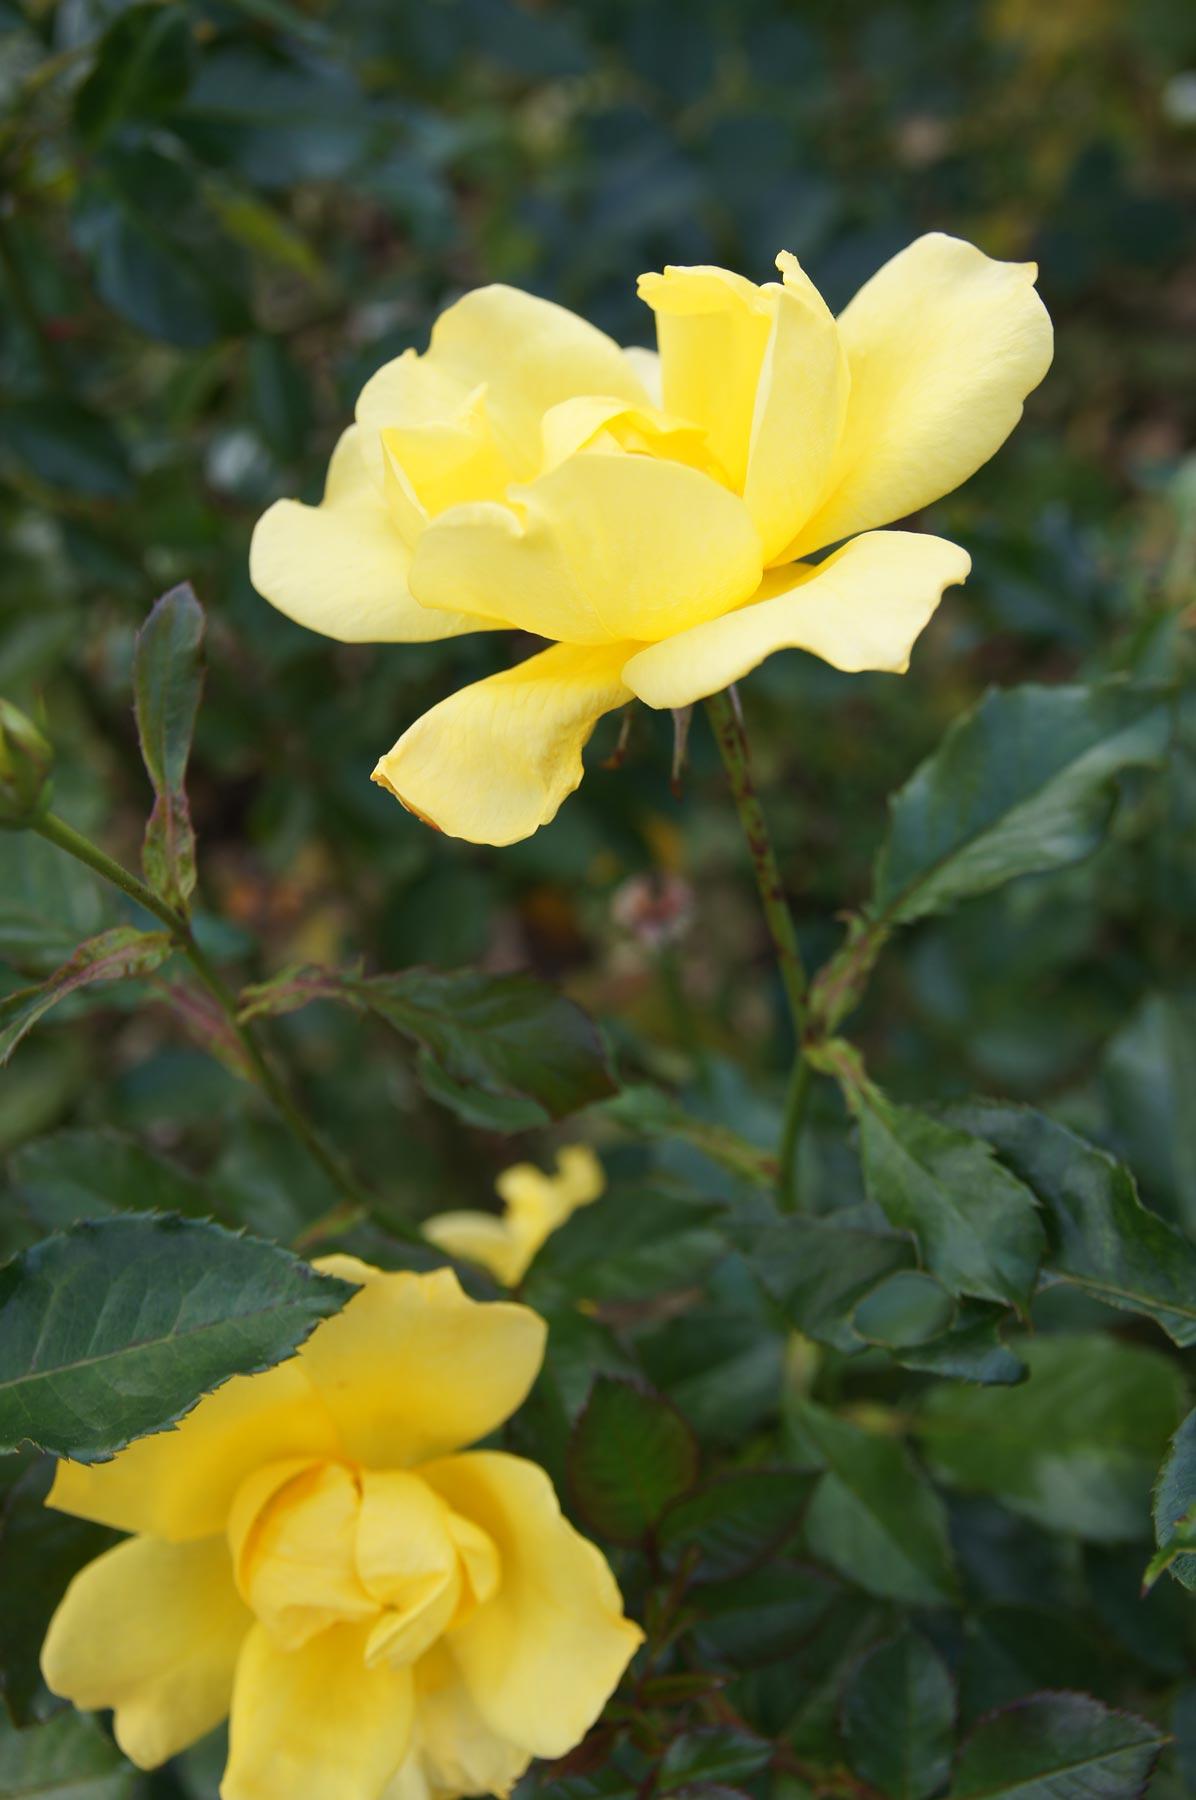 rose 1_e0216133_22433242.jpg